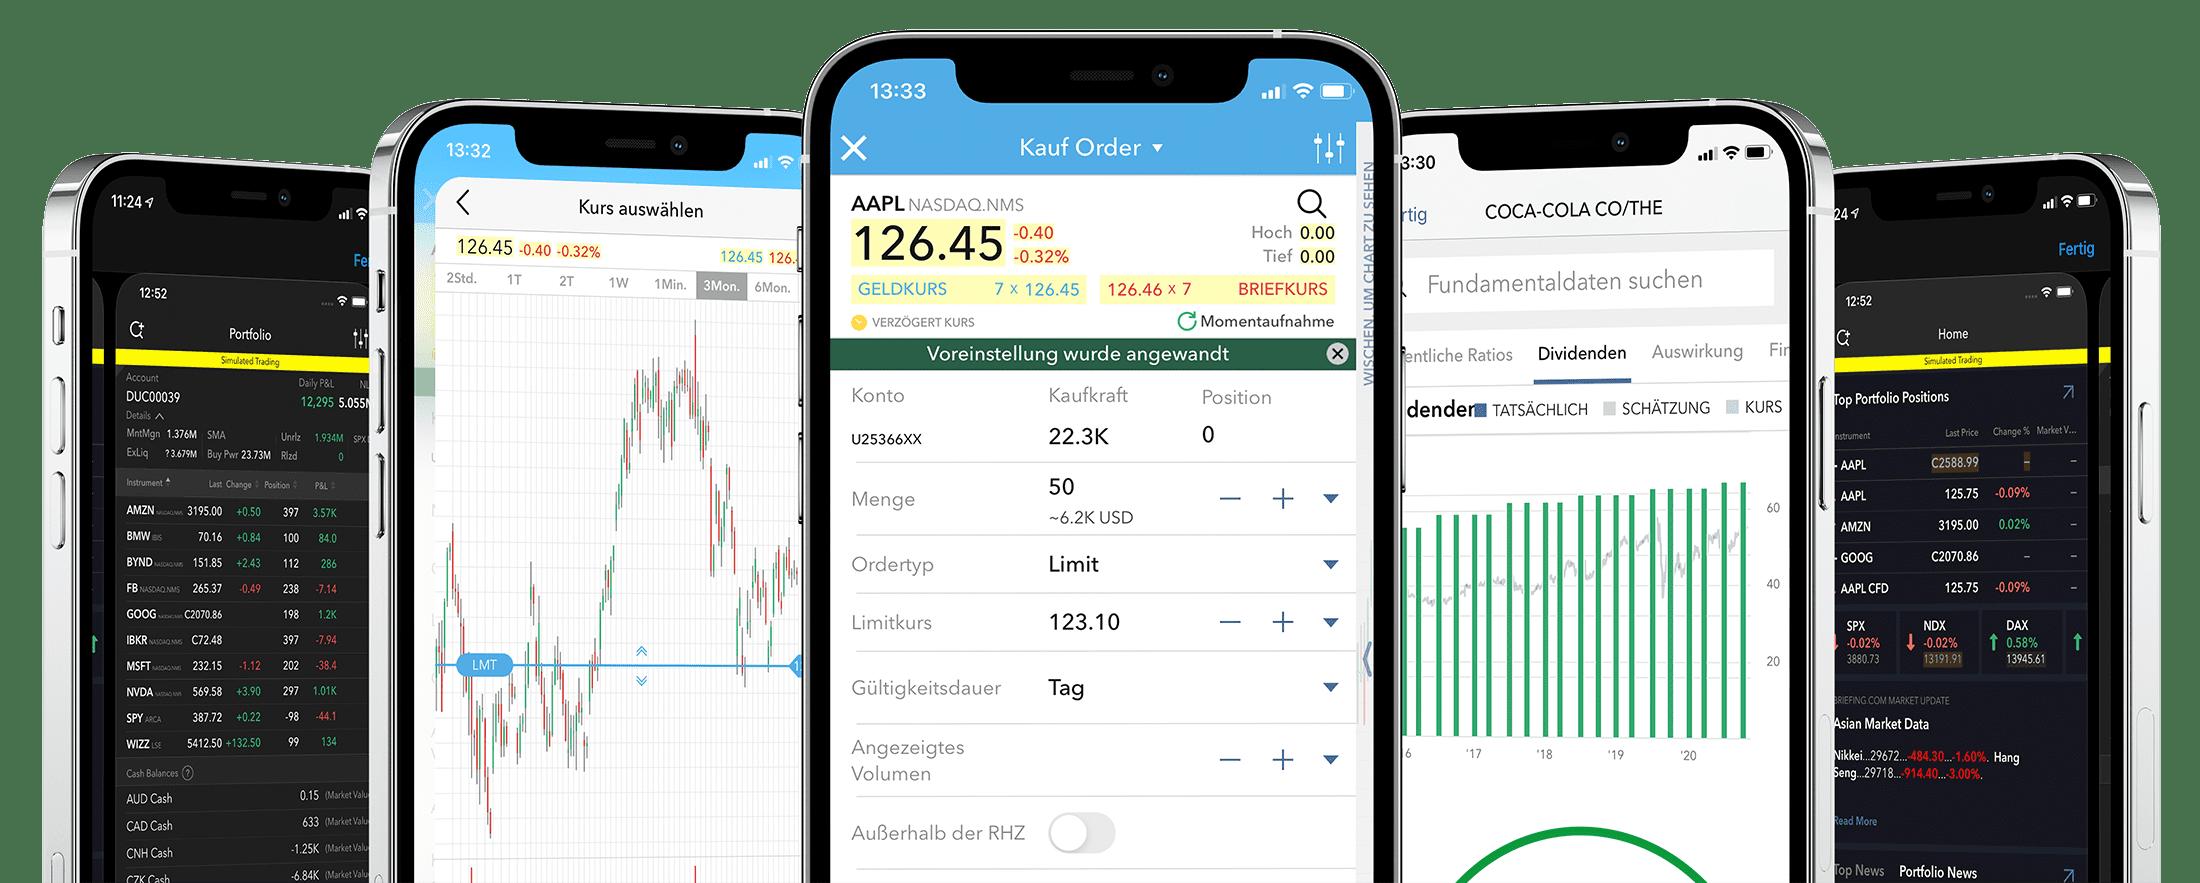 captrader_trading_app